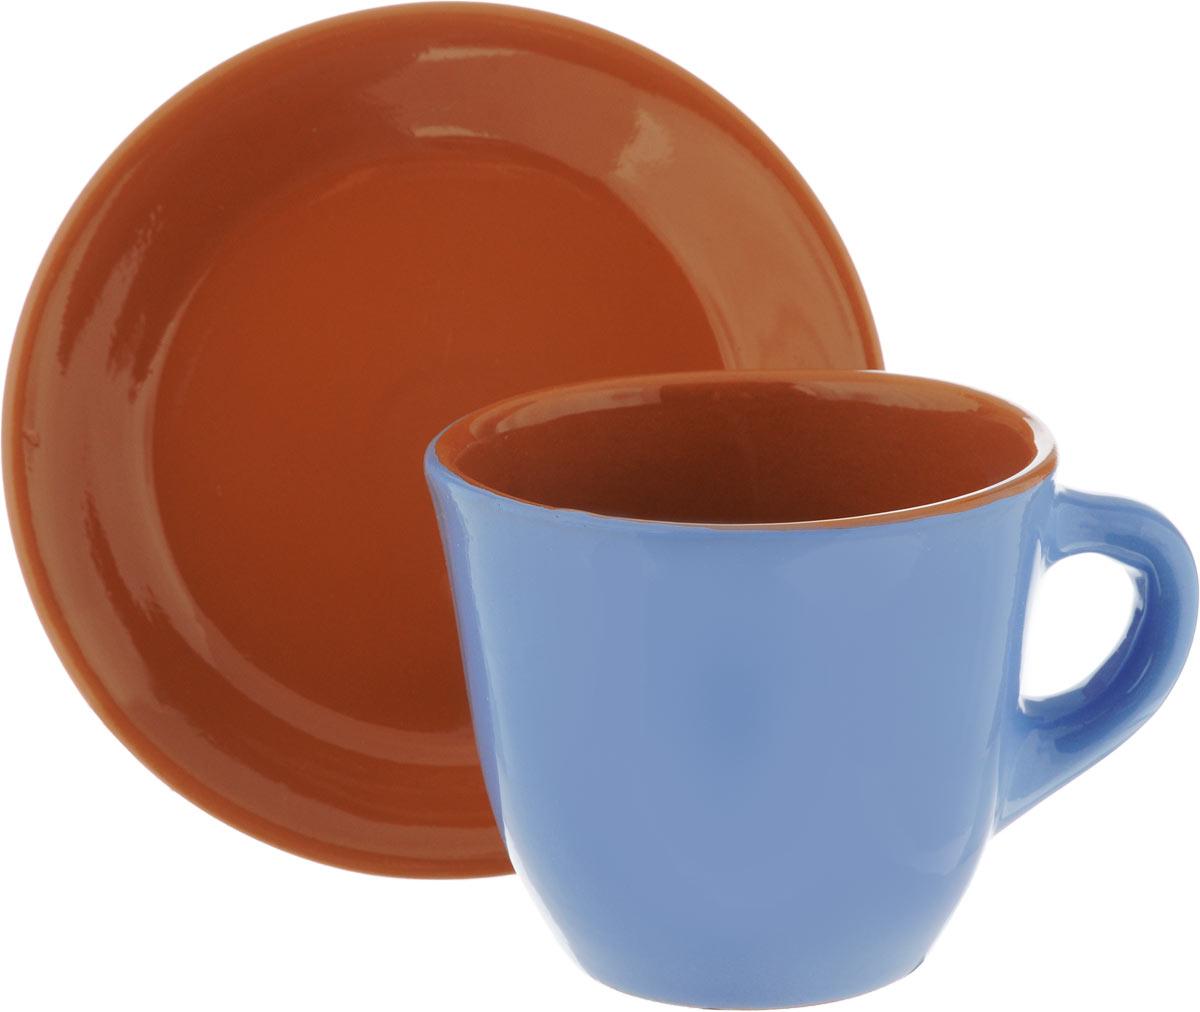 Чайная пара Борисовская керамика Cтандарт, цвет: голубой, коричневый, 2 предметаОБЧ00000637_голубой, коричневыйЧайная пара Борисовская керамика Cтандарт состоит из чашки и блюдца, изготовленных из высококачественной керамики. Такой набор украсит ваш кухонный стол, а также станет замечательным подарком к любому празднику. Можно использовать в микроволновой печи и духовке. Диаметр чашки (по верхнему краю): 10 см. Высота чашки: 8,5 см. Диаметр блюдца (по верхнему краю): 15 см. Высота блюдца: 2,5 см. Объем чашки: 300 мл